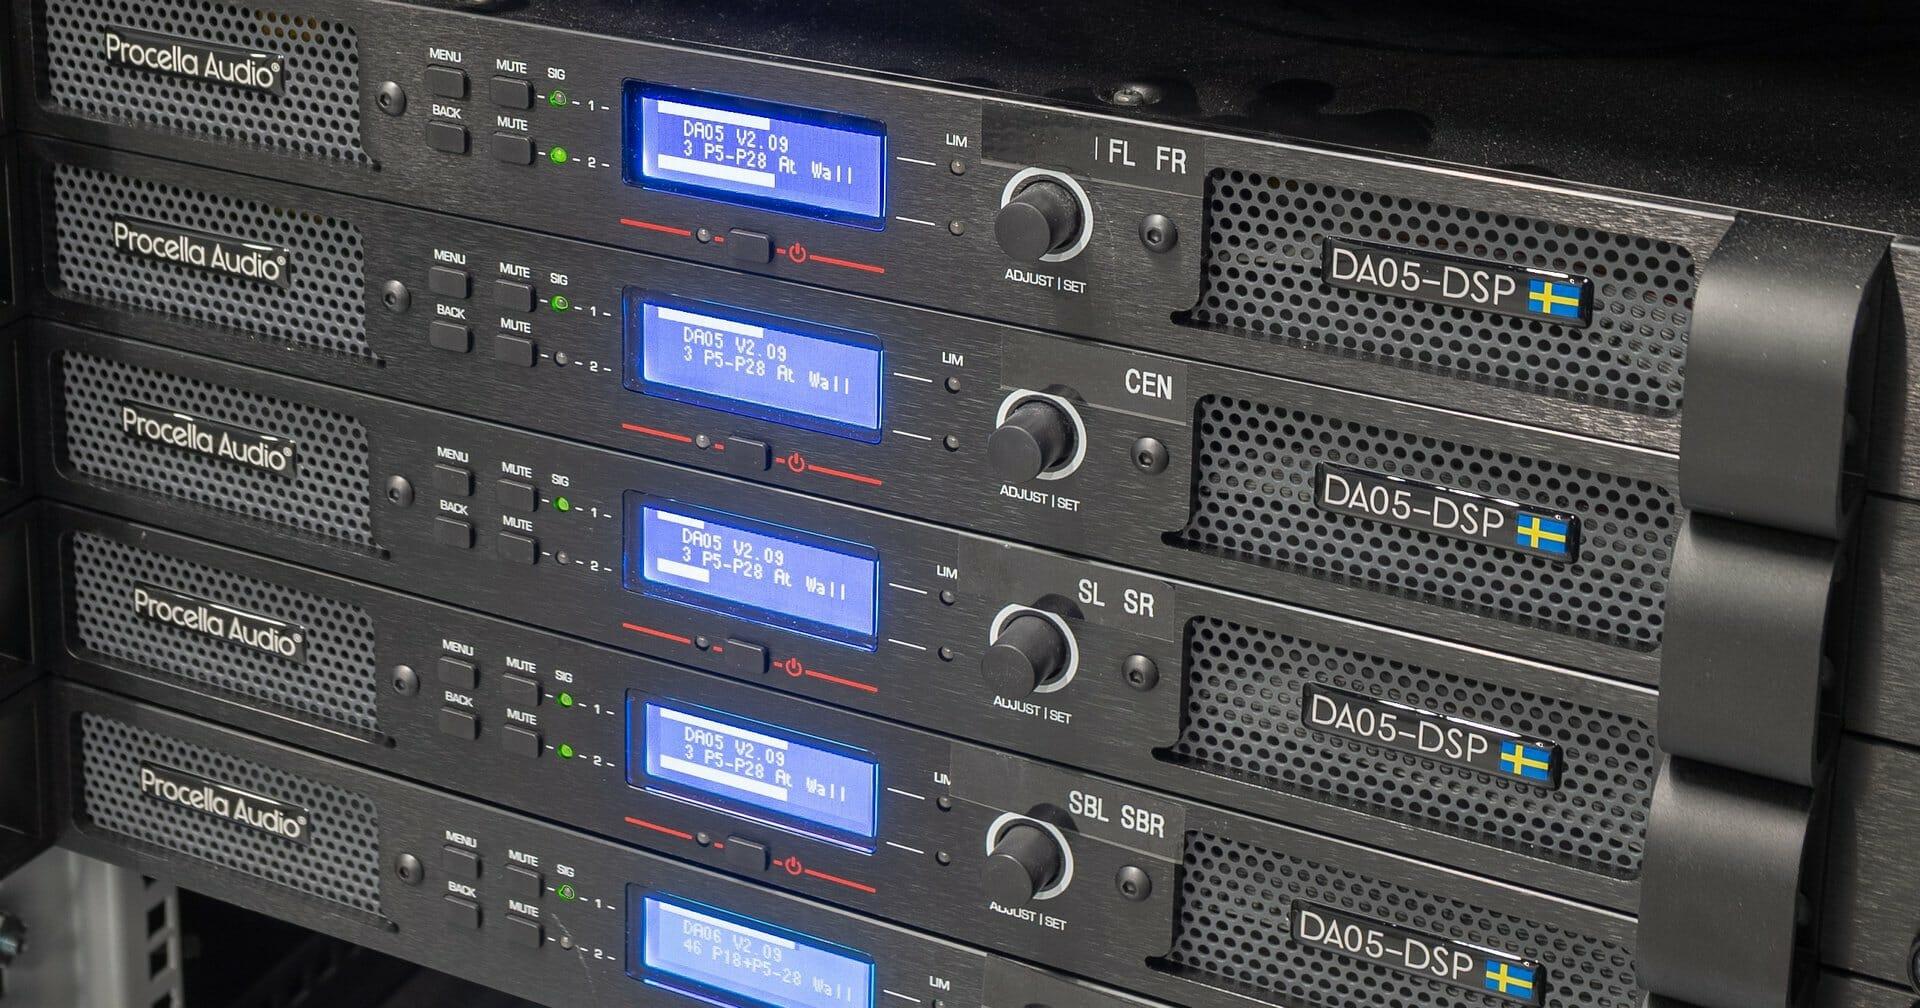 Procella Audio DA-05 DSP